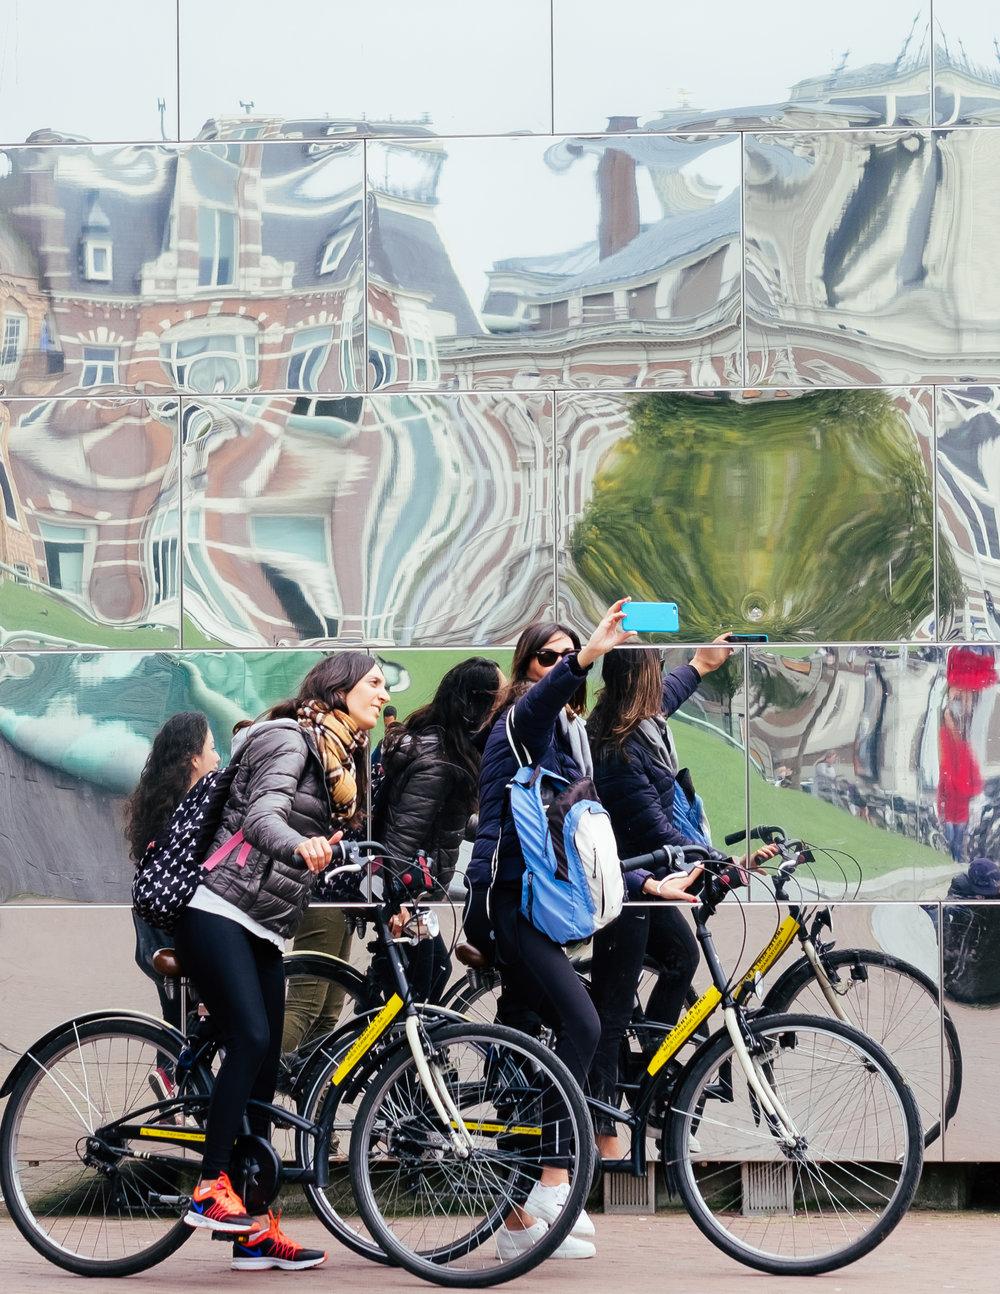 @selfiesacrosseurope at Amsterdam Museumplein